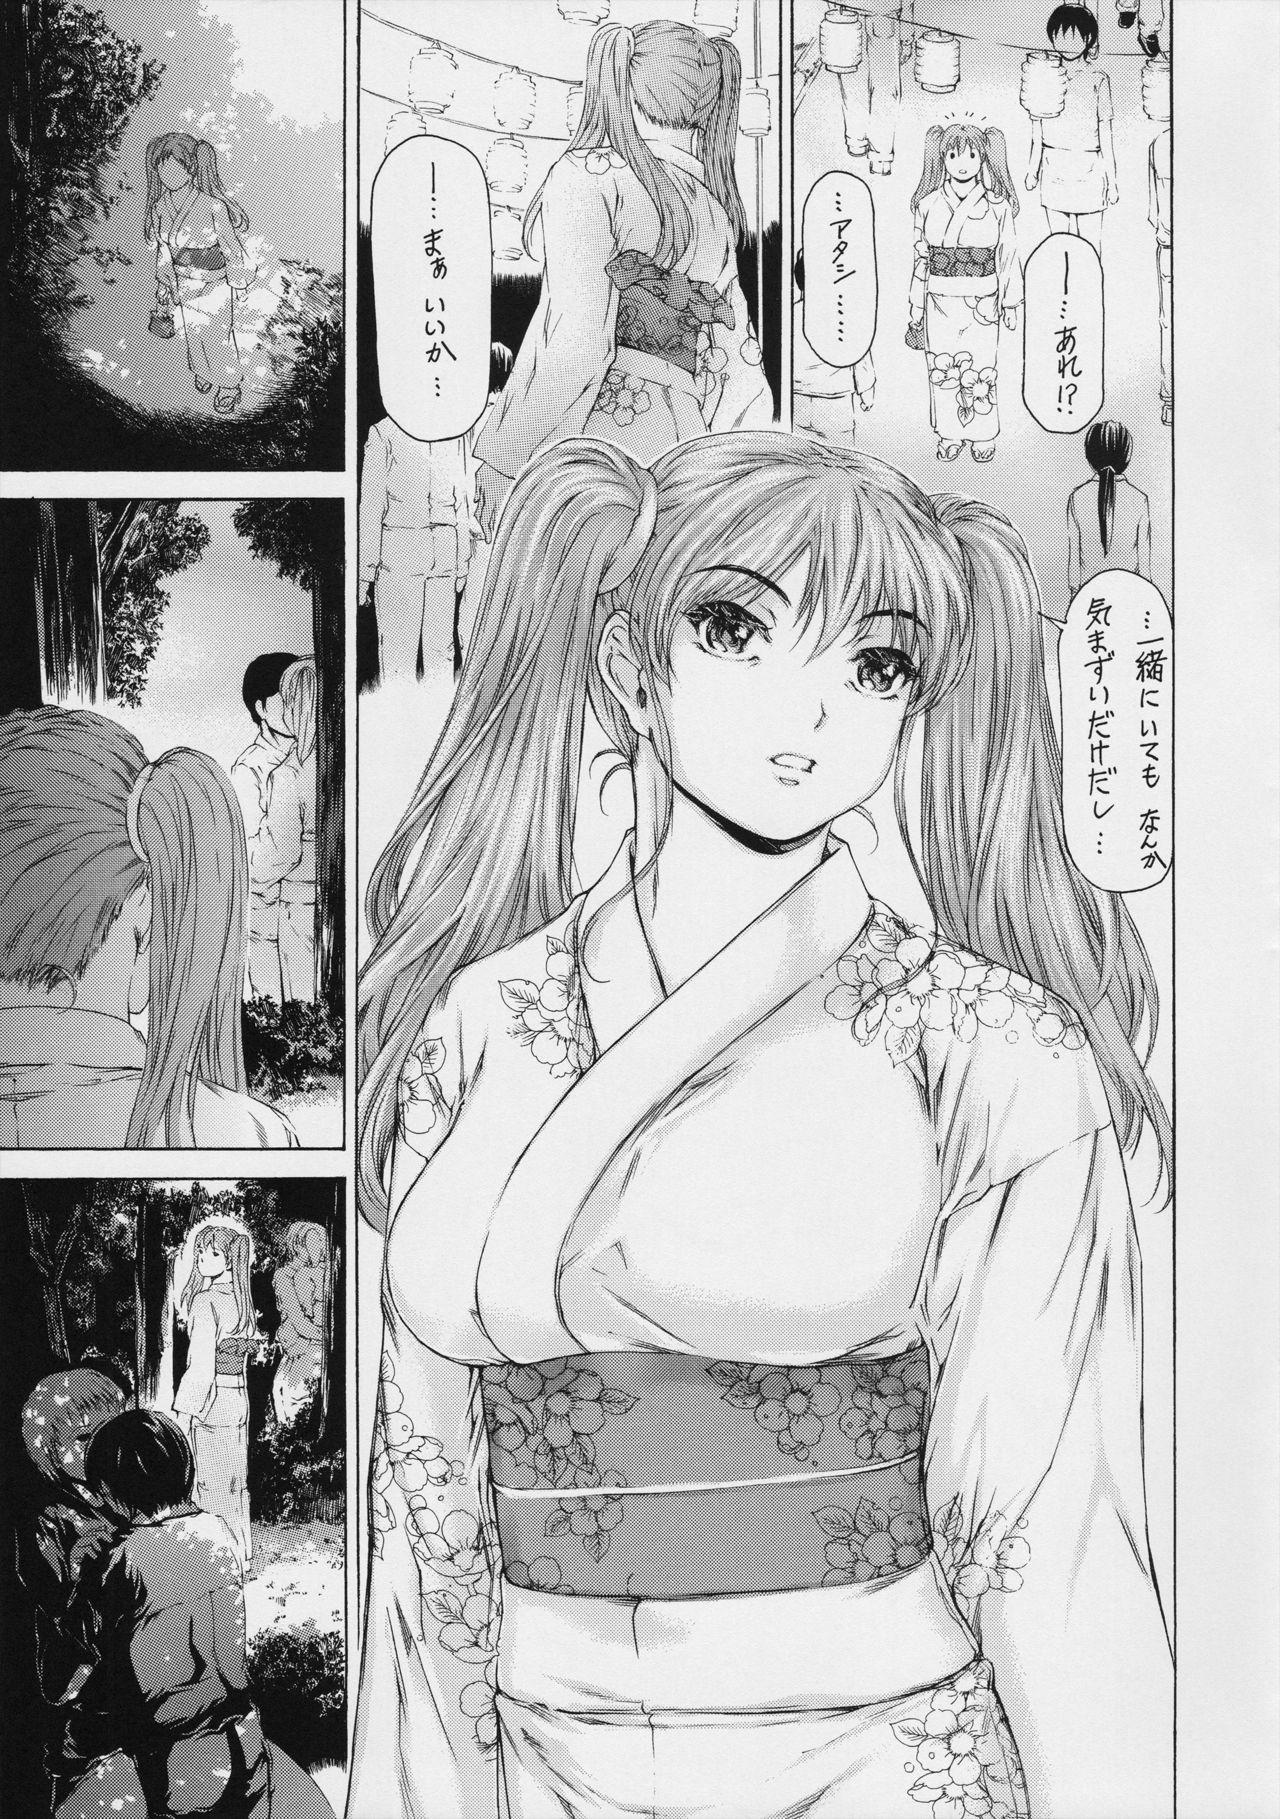 (COMIC1☆11) [Subesube 1kg (Narita Kyousha)] 9-Ji Kara 5-ji Made no Koibito Dai 9 wa - Nine to Five Lover 12